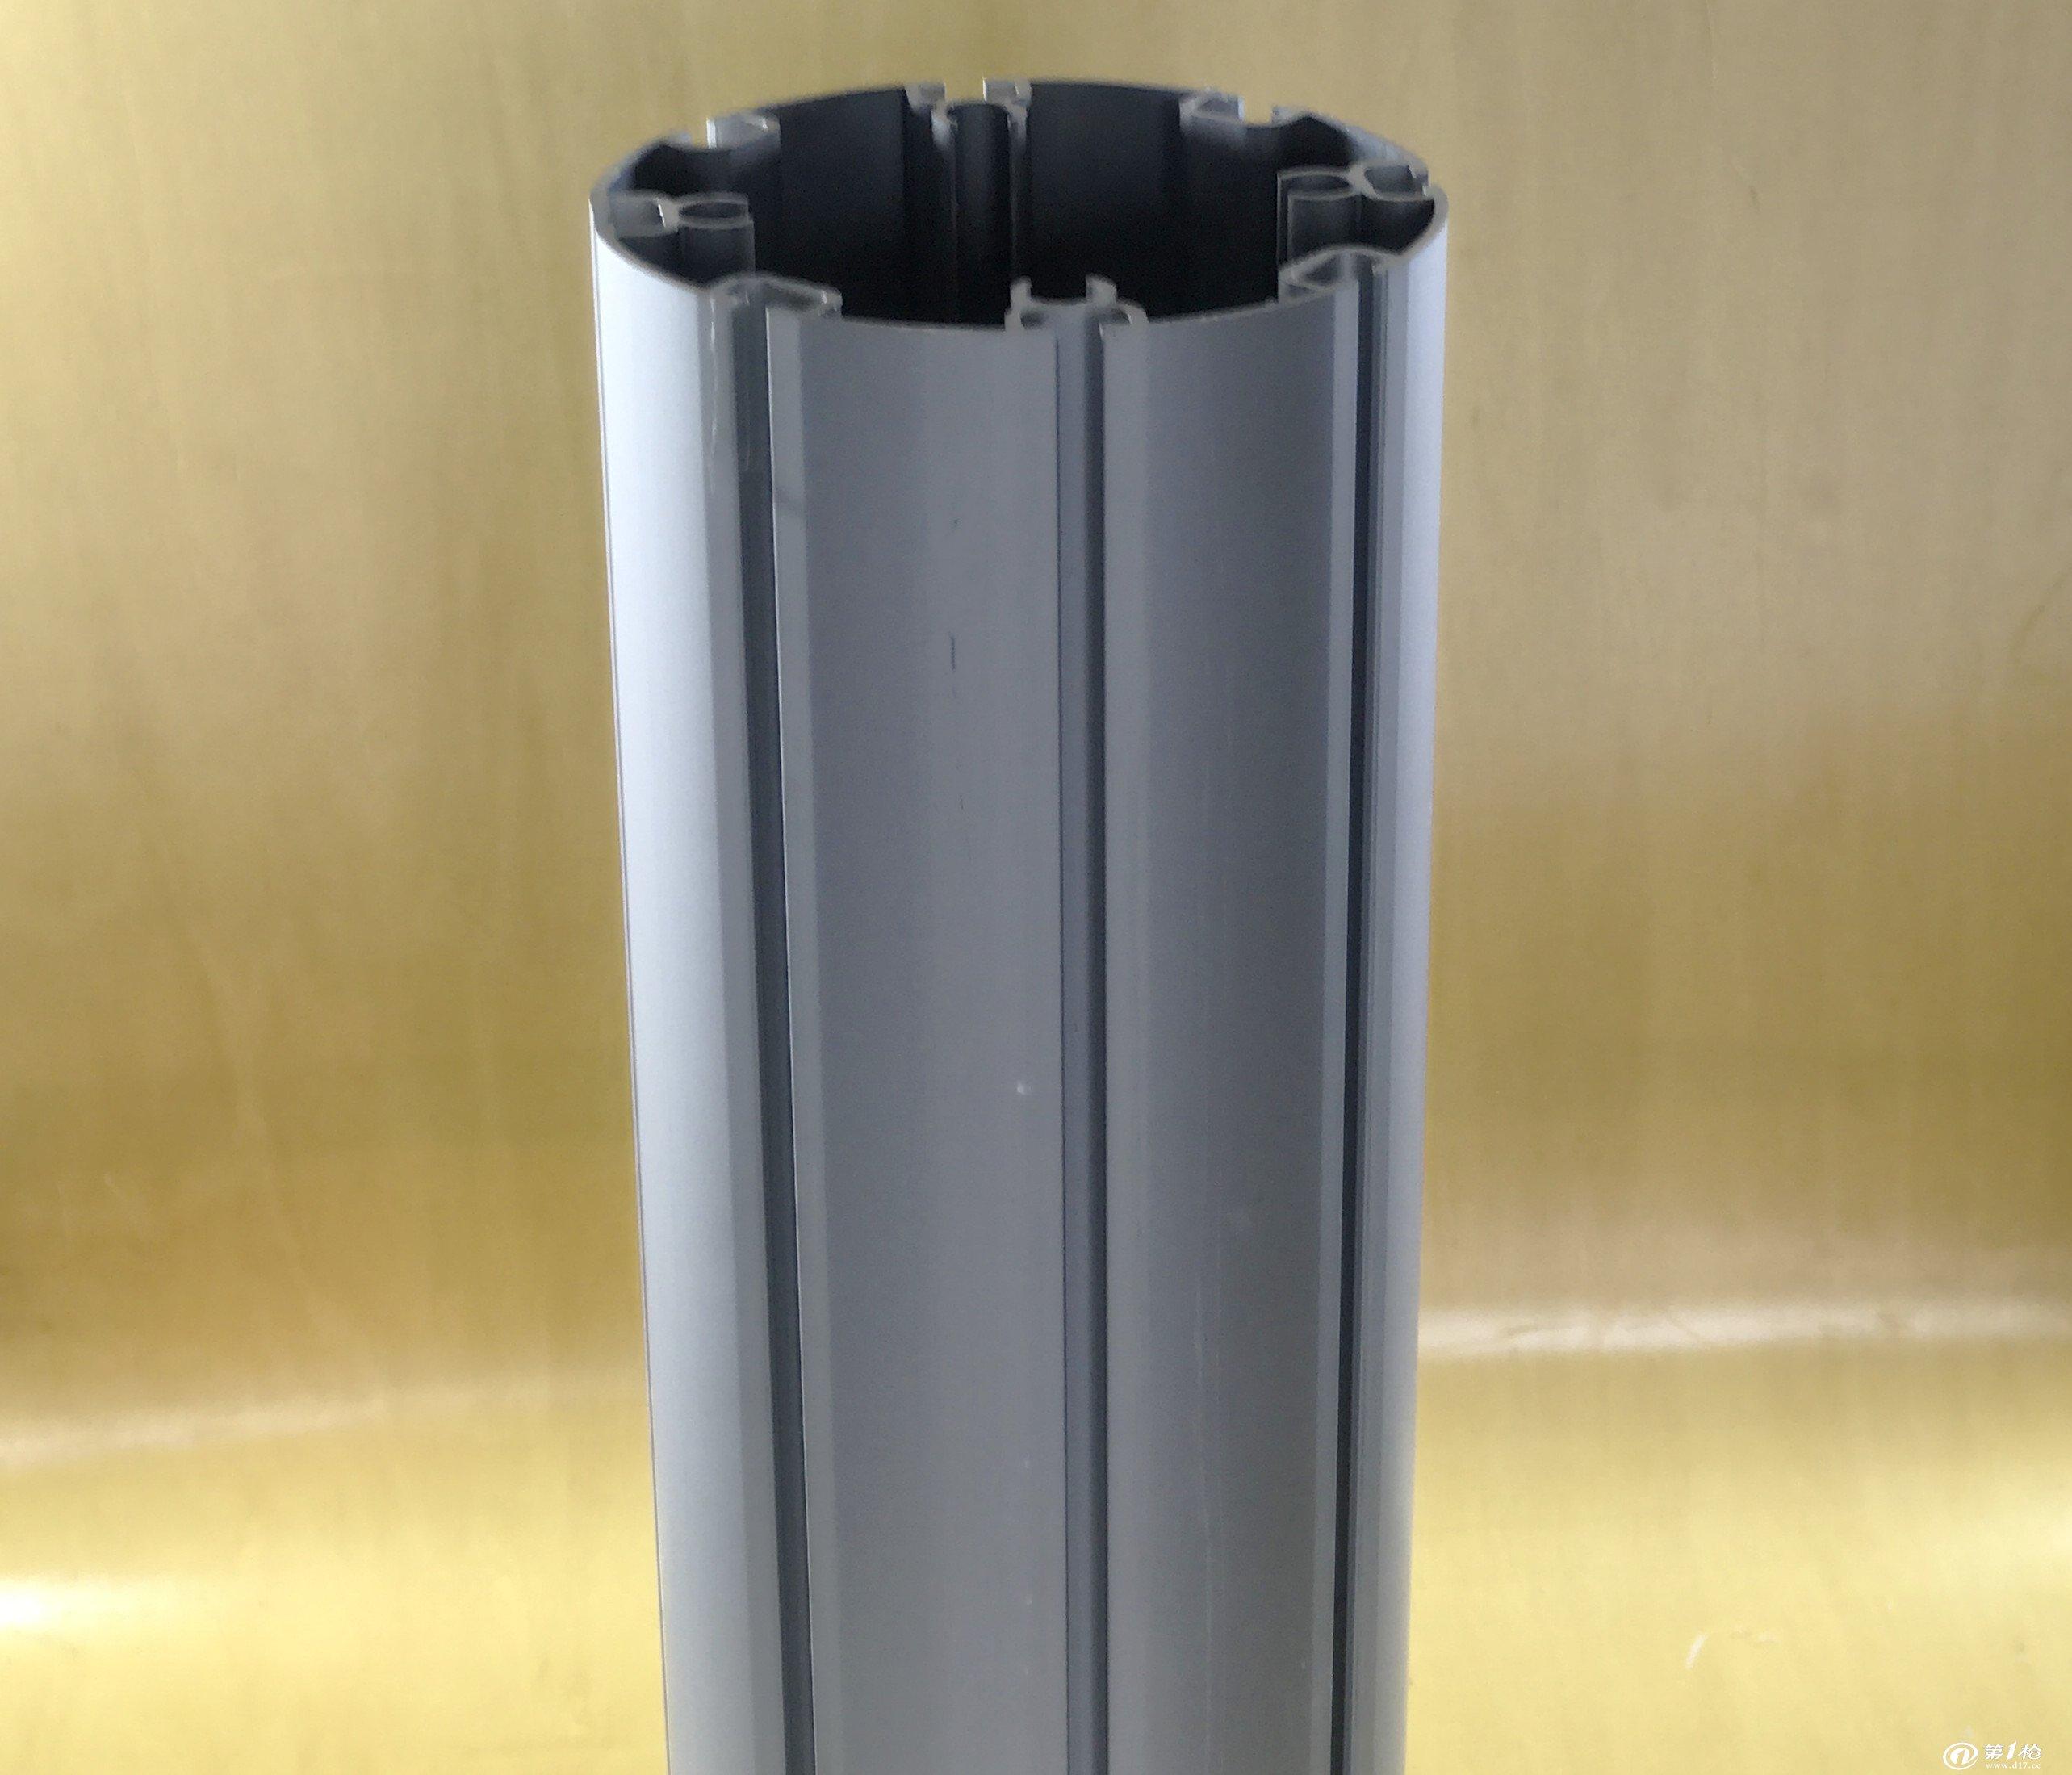 圆柱体物品-透明圆柱中间有根细铁丝东西是什么图片